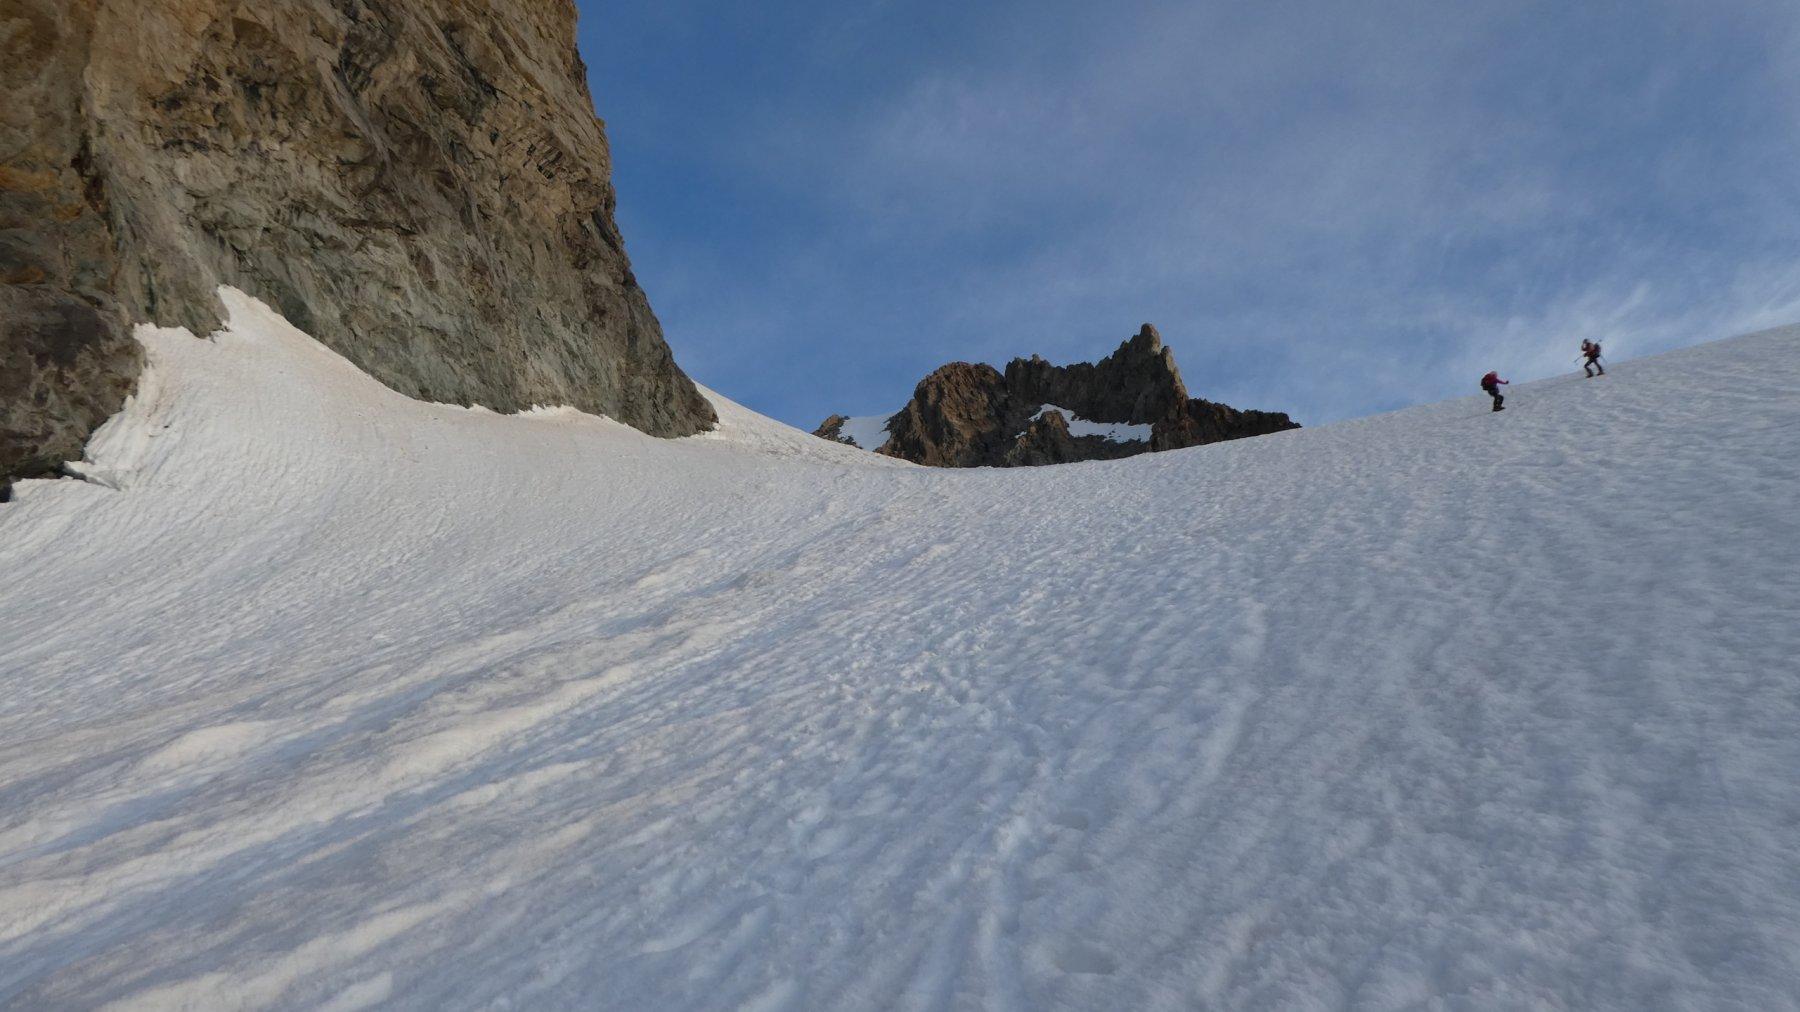 salendo la rampa del ghiacciaio che porta nella conca terminale sotto la cima